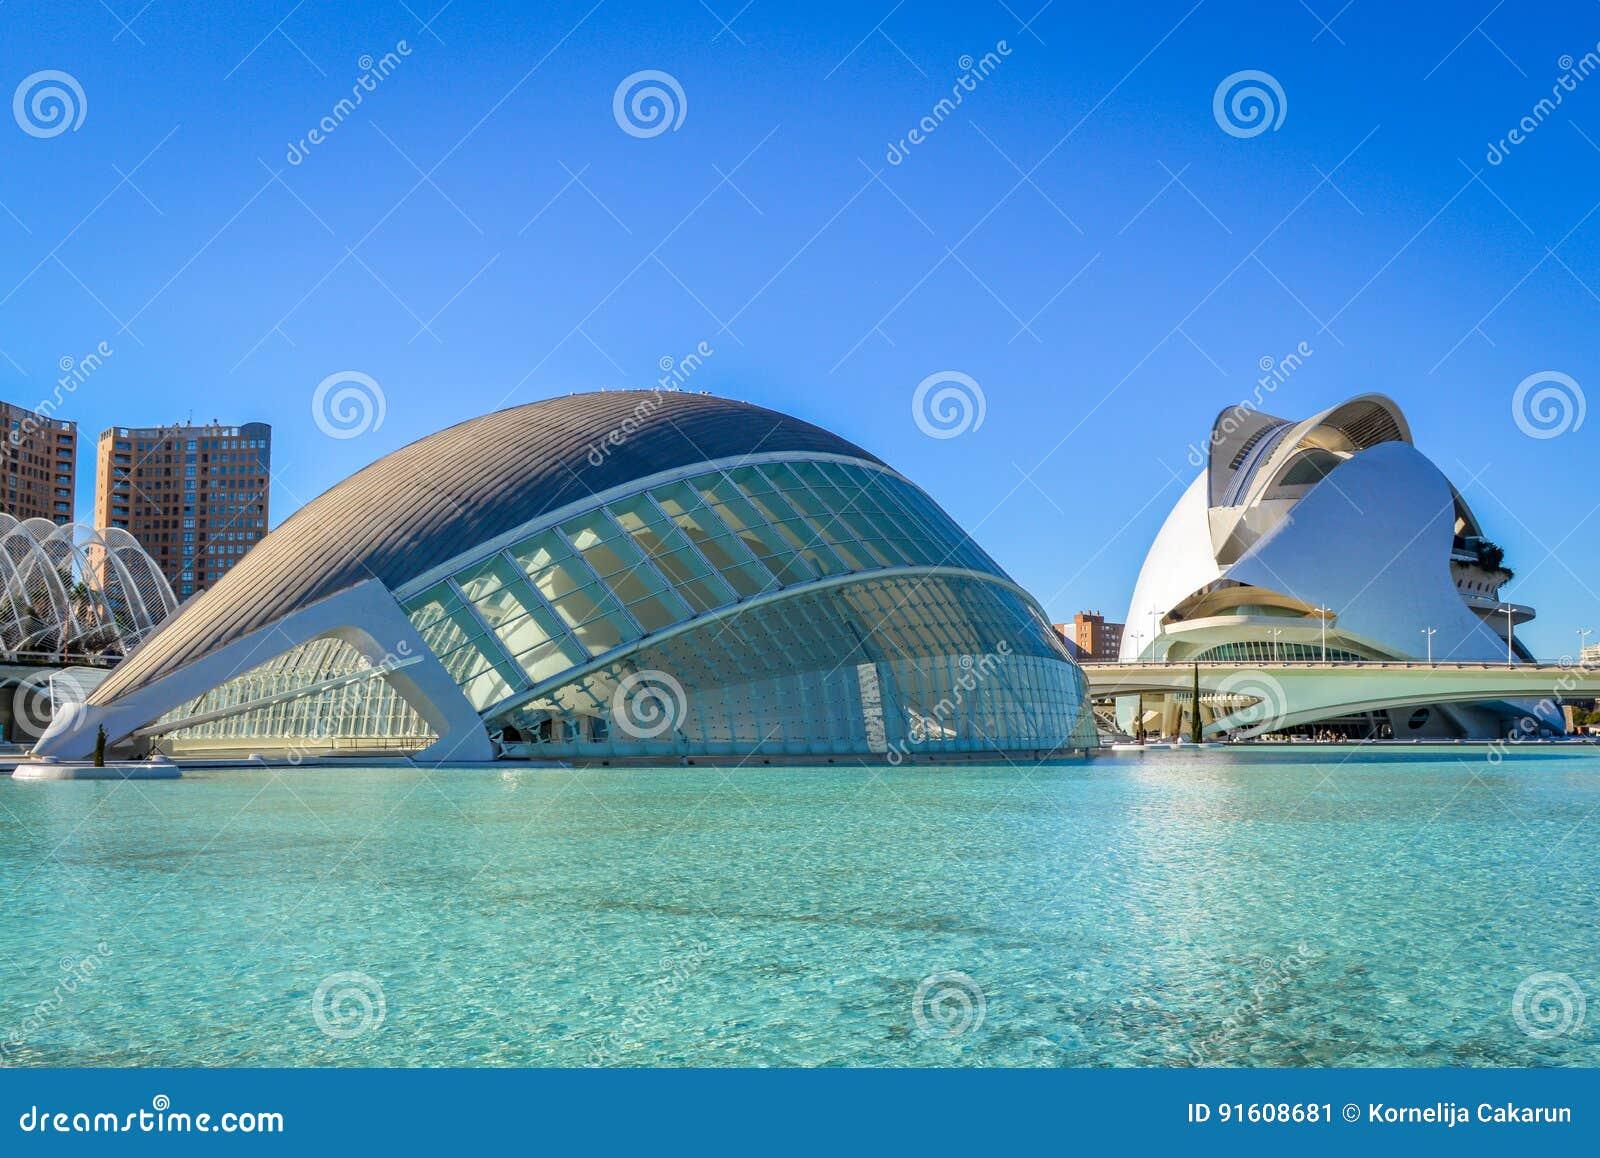 La città delle arti e delle scienze, Valencia, Spagna - il Hemisferic e Palau de les Arts